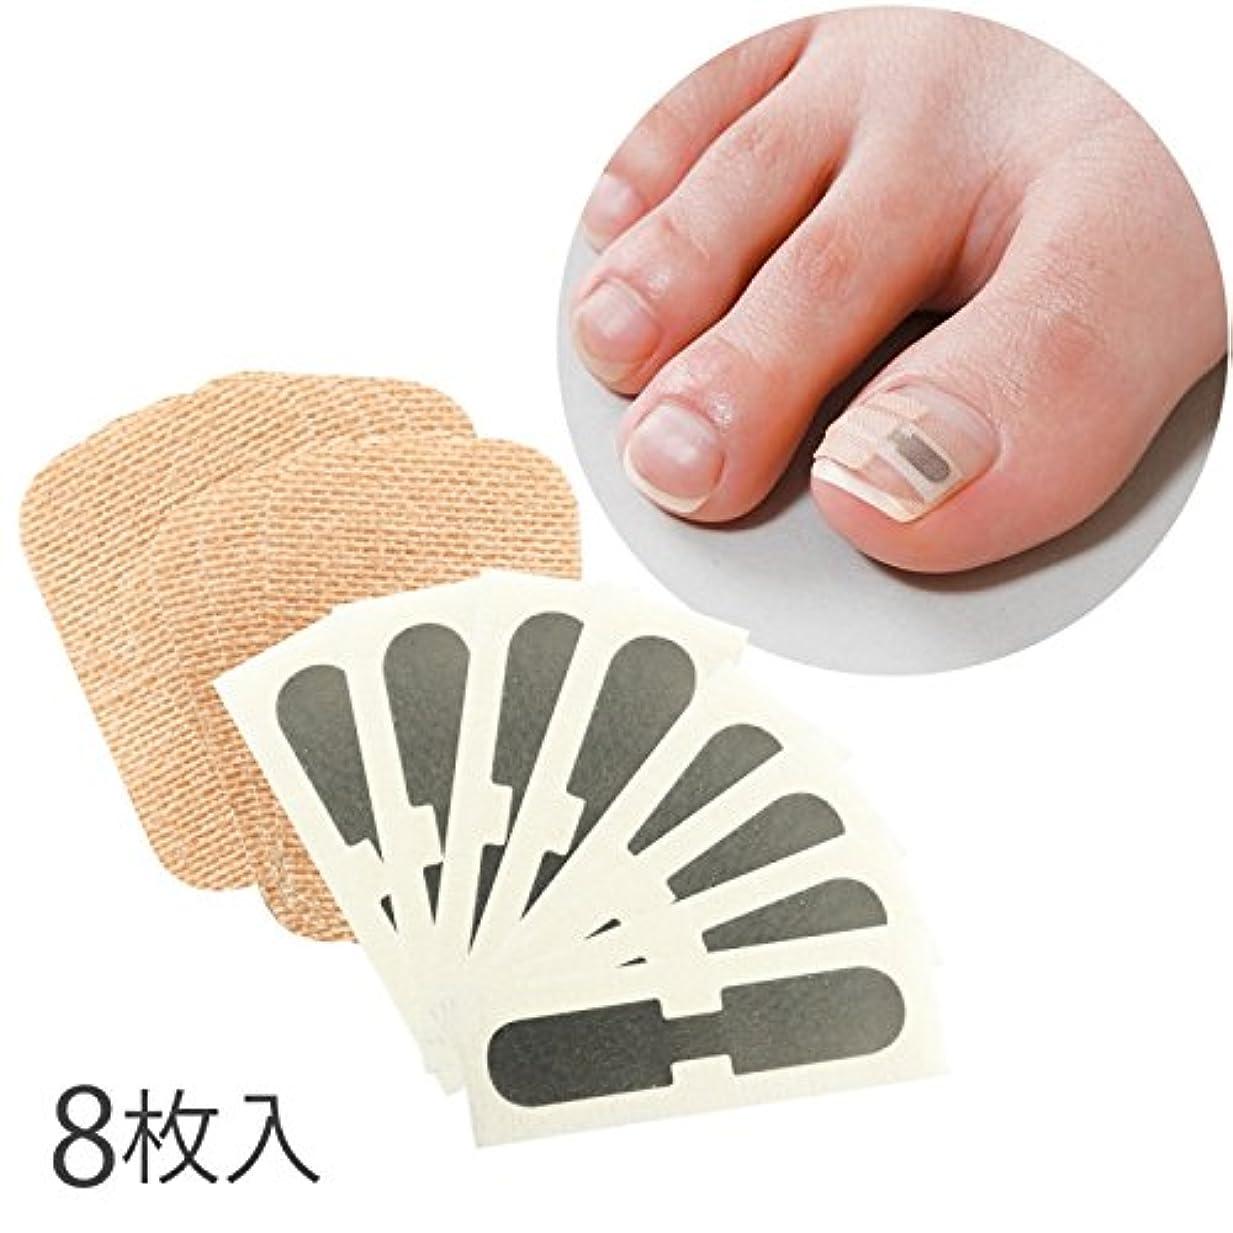 少年組しばしば巻き爪リフトシール 1ヶ月ケア 8回分 / 8-4134-01